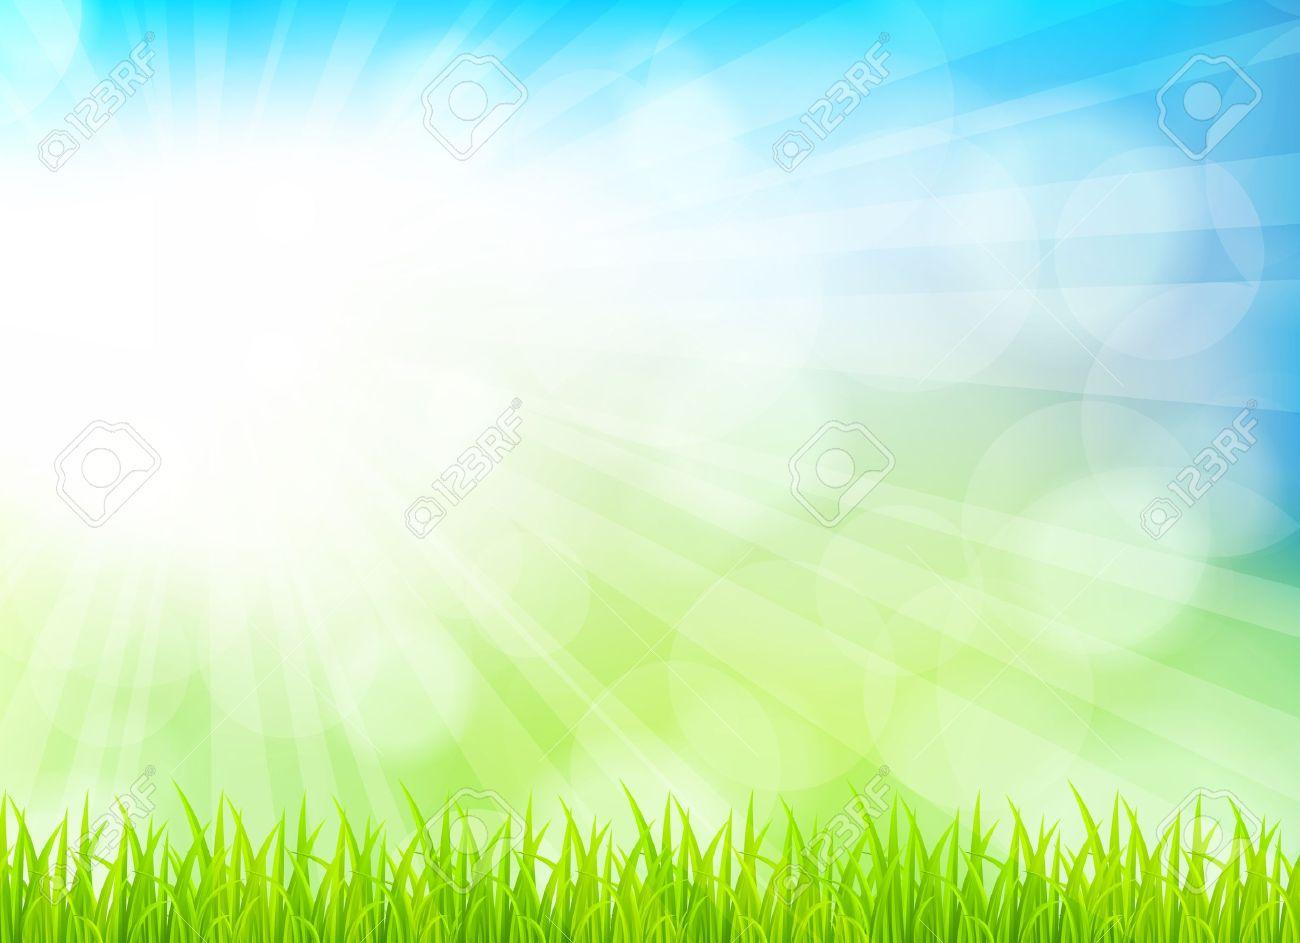 草と春の背景。明るいイラスト ロイヤリティフリークリップアート